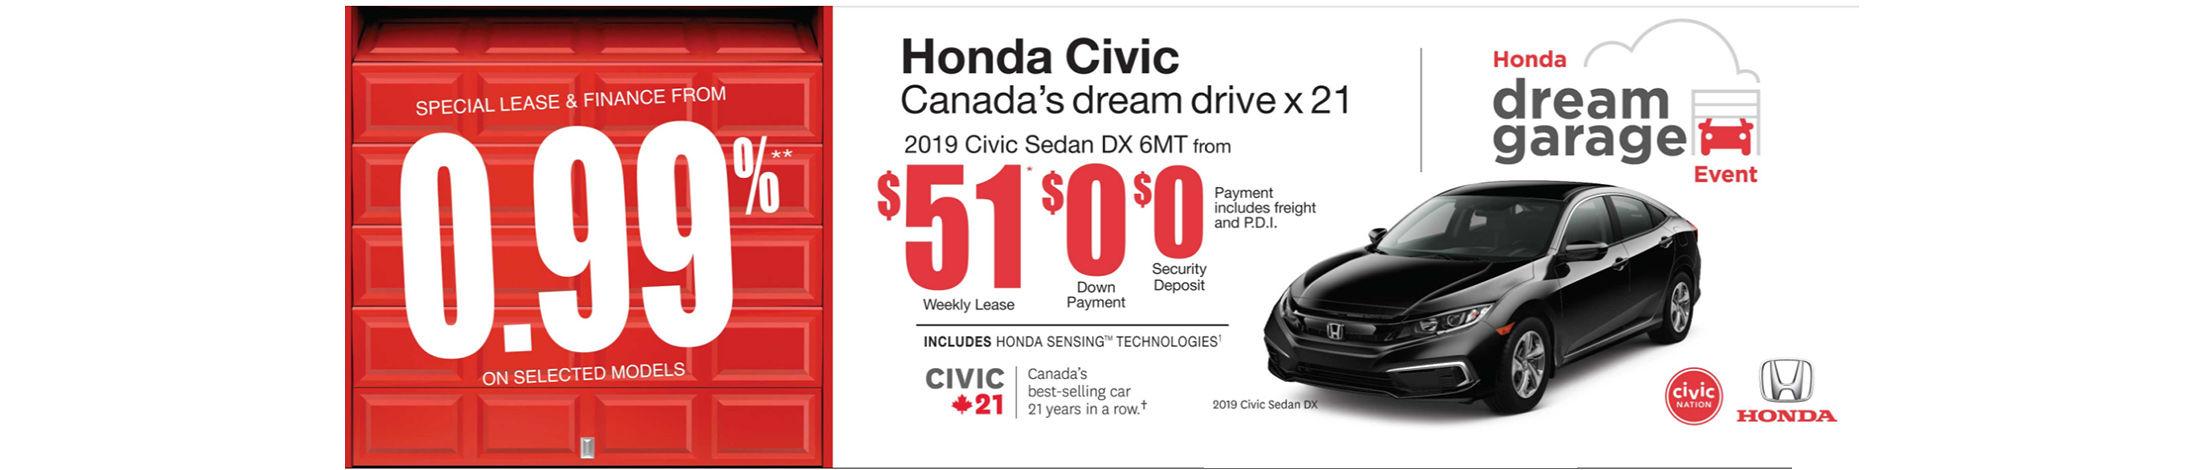 2019 Honda Civic Offer